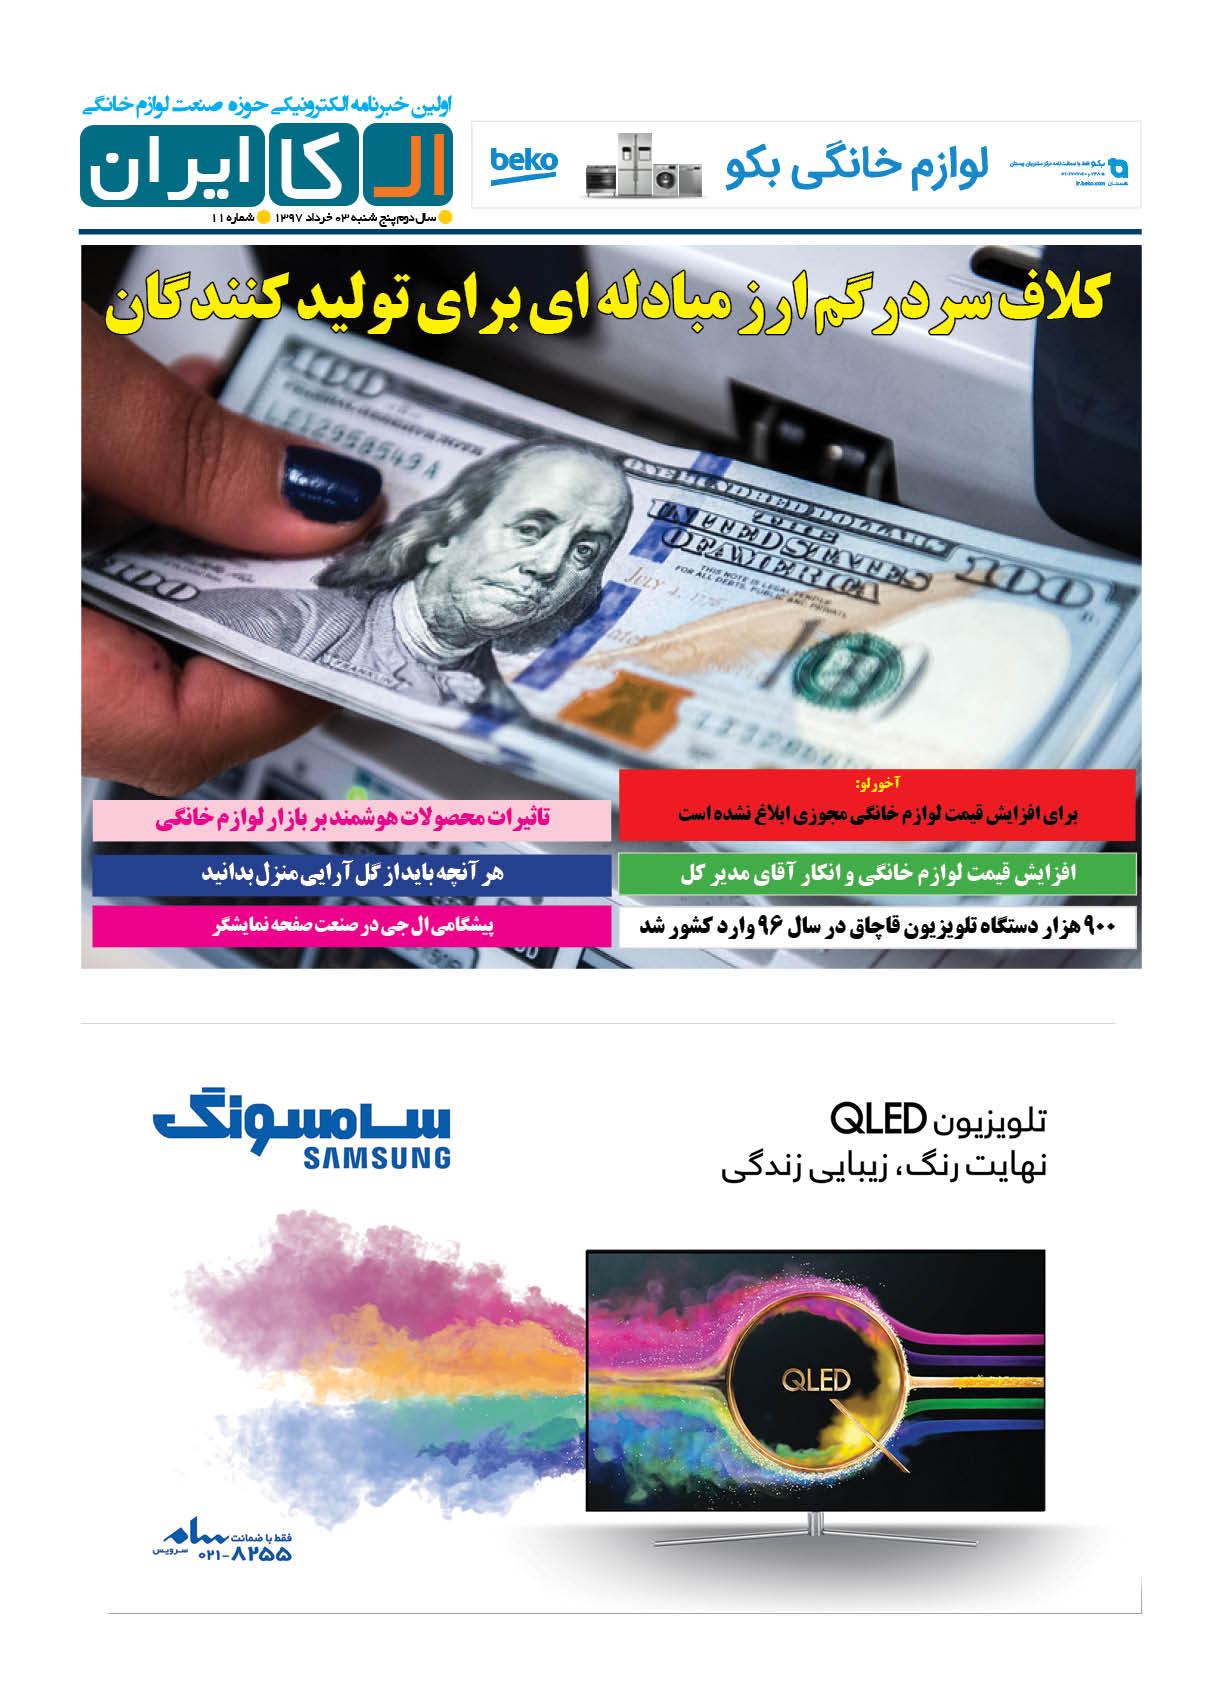 شماره 11 خبرنامه الکترونیکی صنعت لوازم خانگی ایران منتشر شد